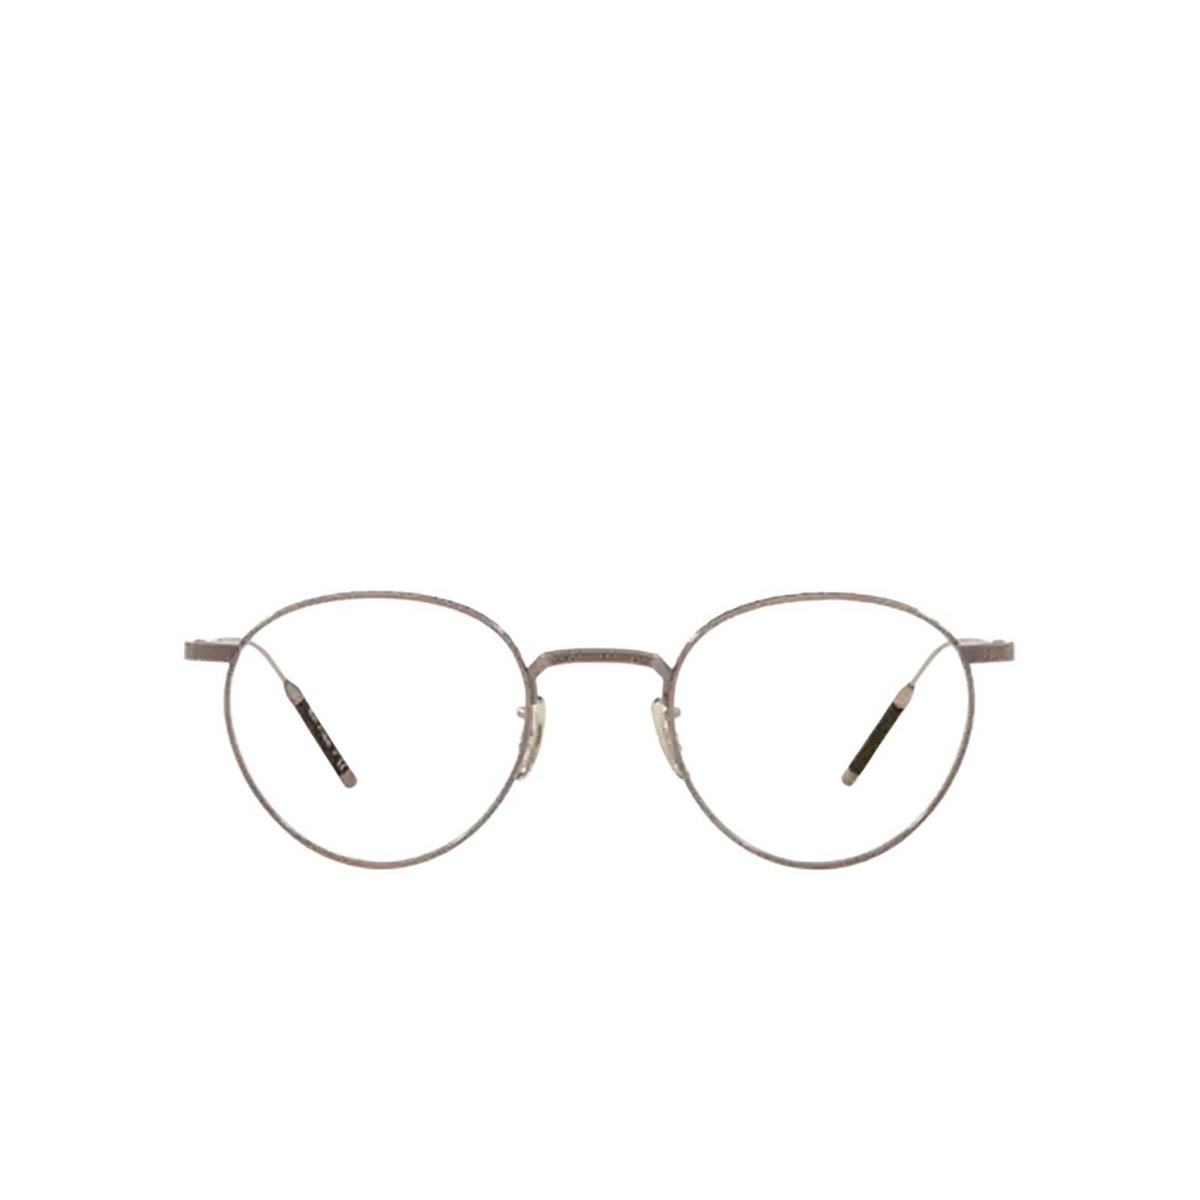 Oliver Peoples® Round Eyeglasses: OV1274T color Pewter 5076.